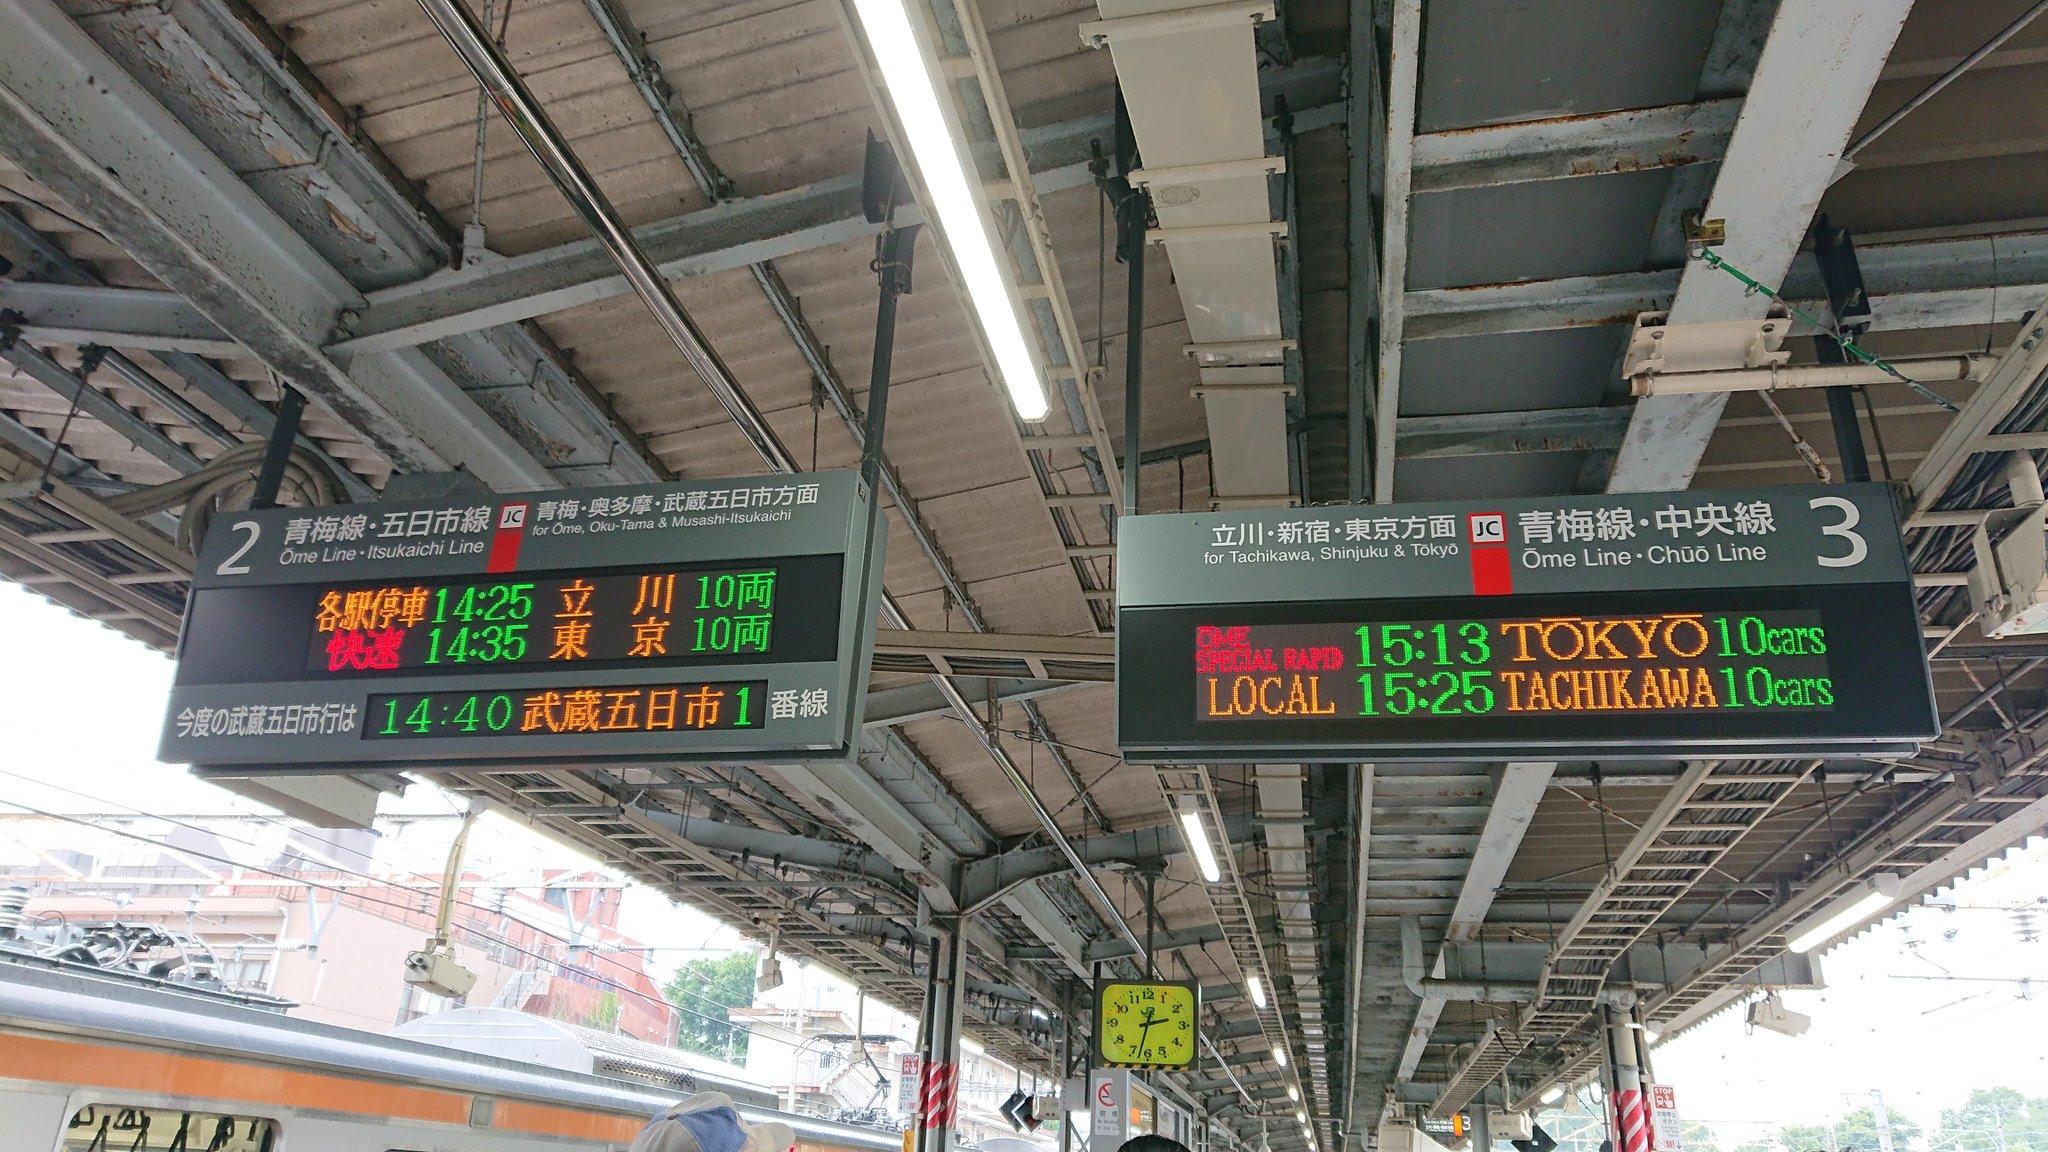 青梅線の小作駅~羽村駅間で人身事故が発生した掲示板の画像